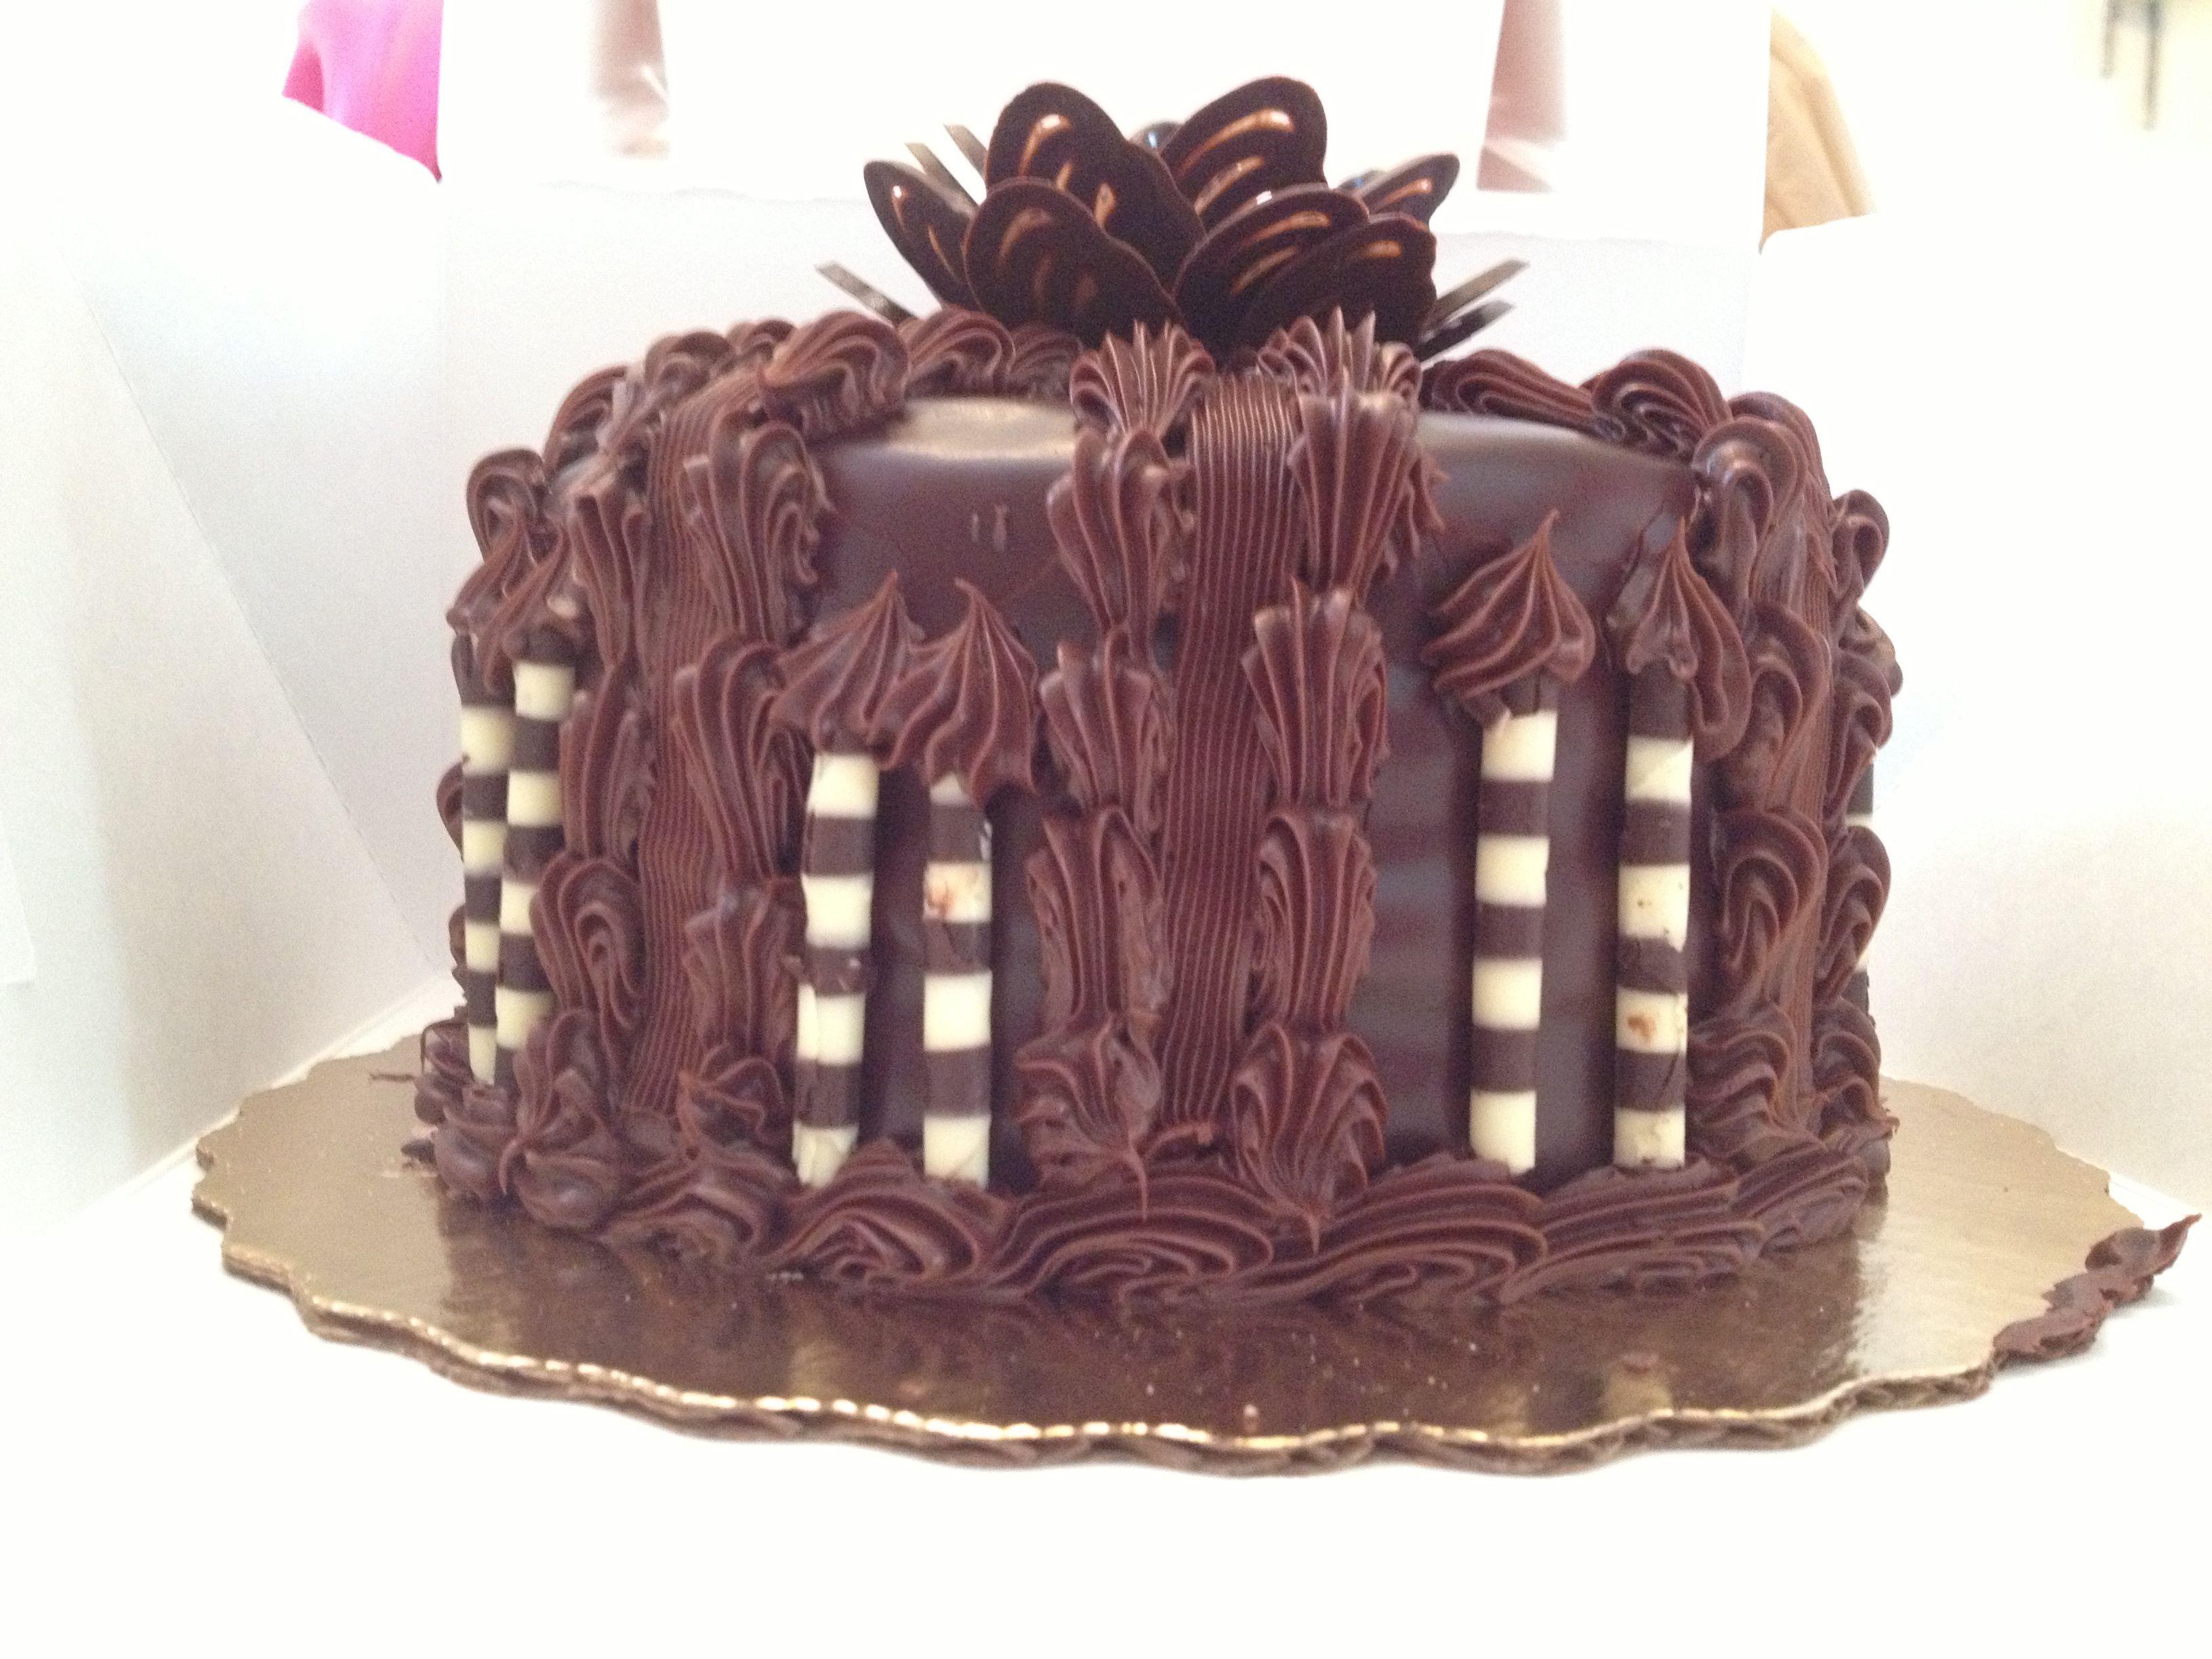 Chocolate ganache from publix chocolate ganache ganache